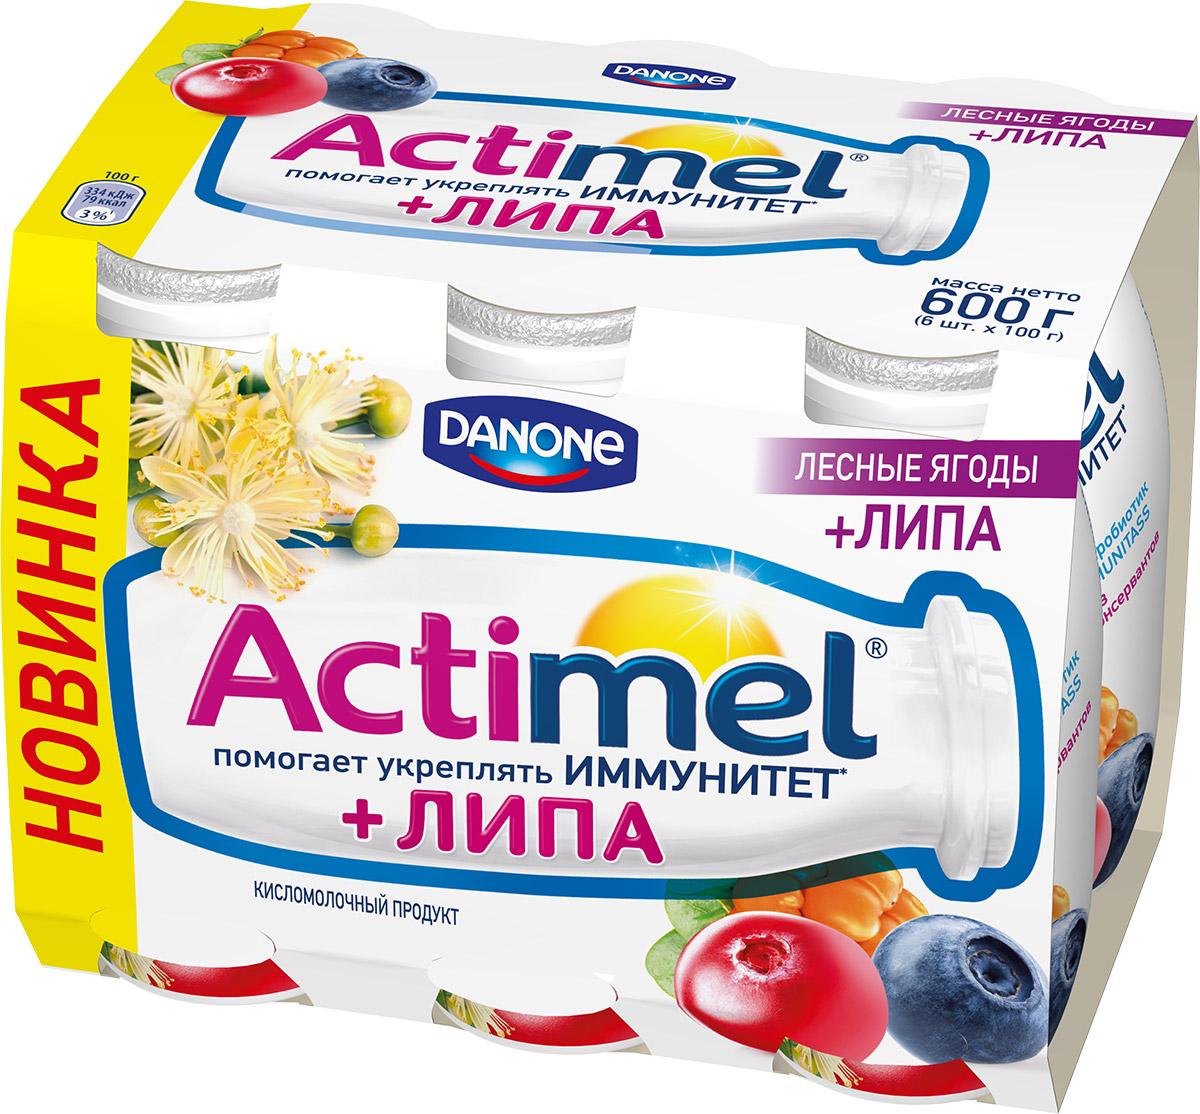 Актимель Продукт кисломолочный, Лесные ягоды с липой 2,5%, 6 шт по 100 г актимель продукт кисломолочный черника ежевика 2 5